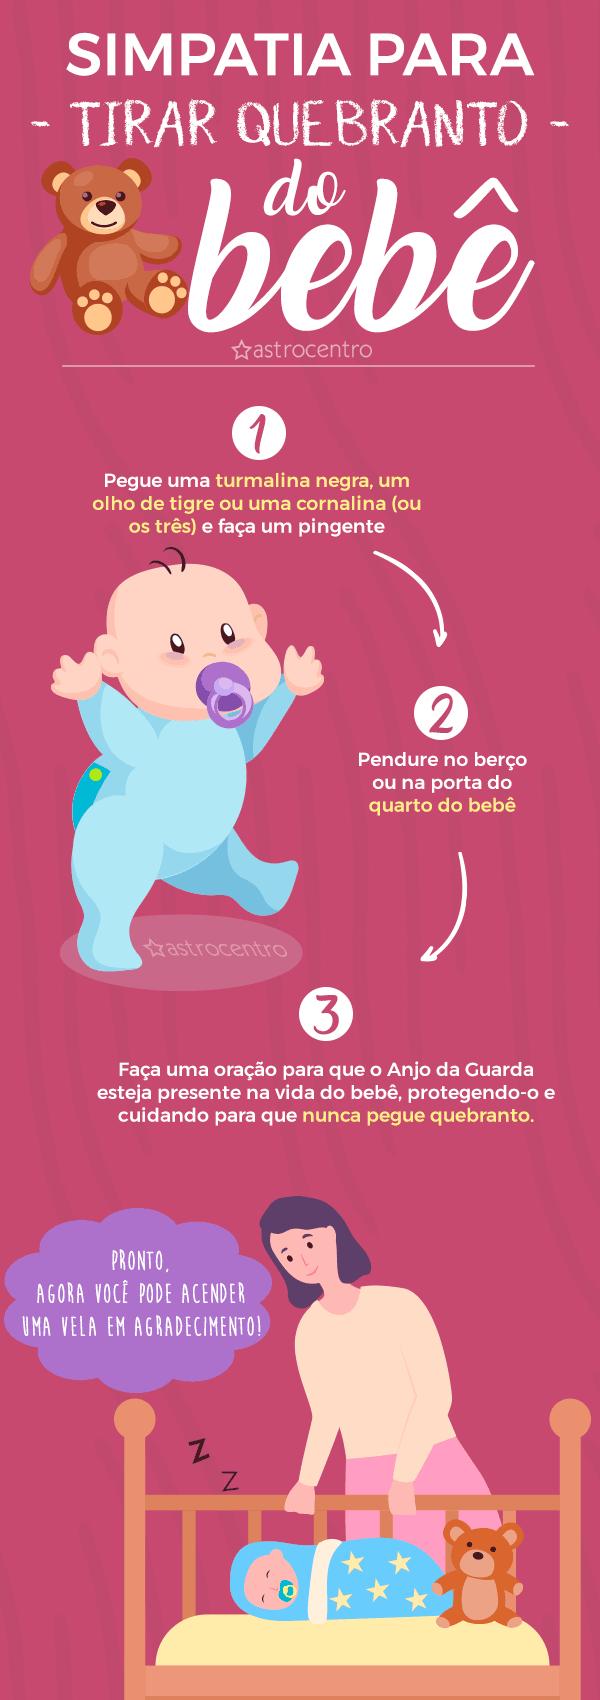 Simpatia para tirar quebranto de bebe